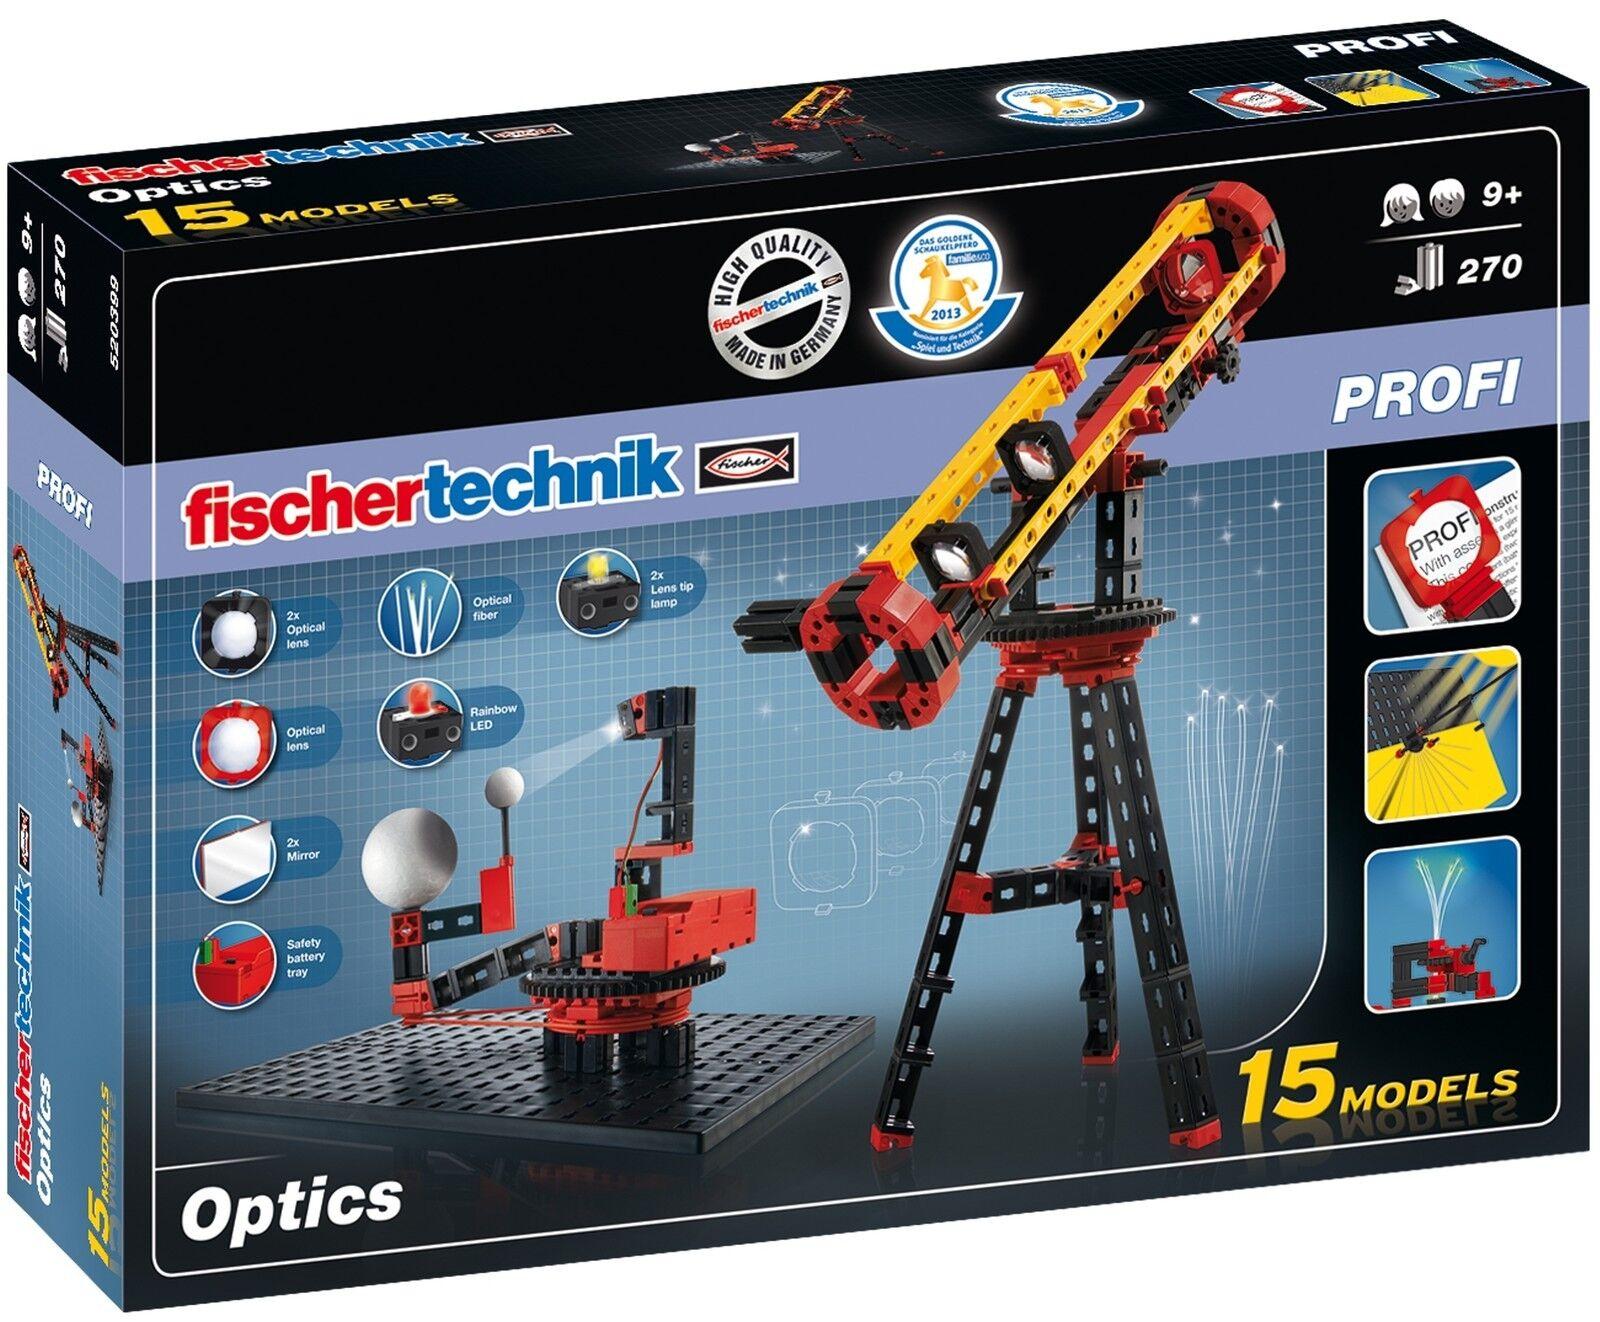 NEU fischertechnik 520399 PROFI Optics Optik Licht OVP